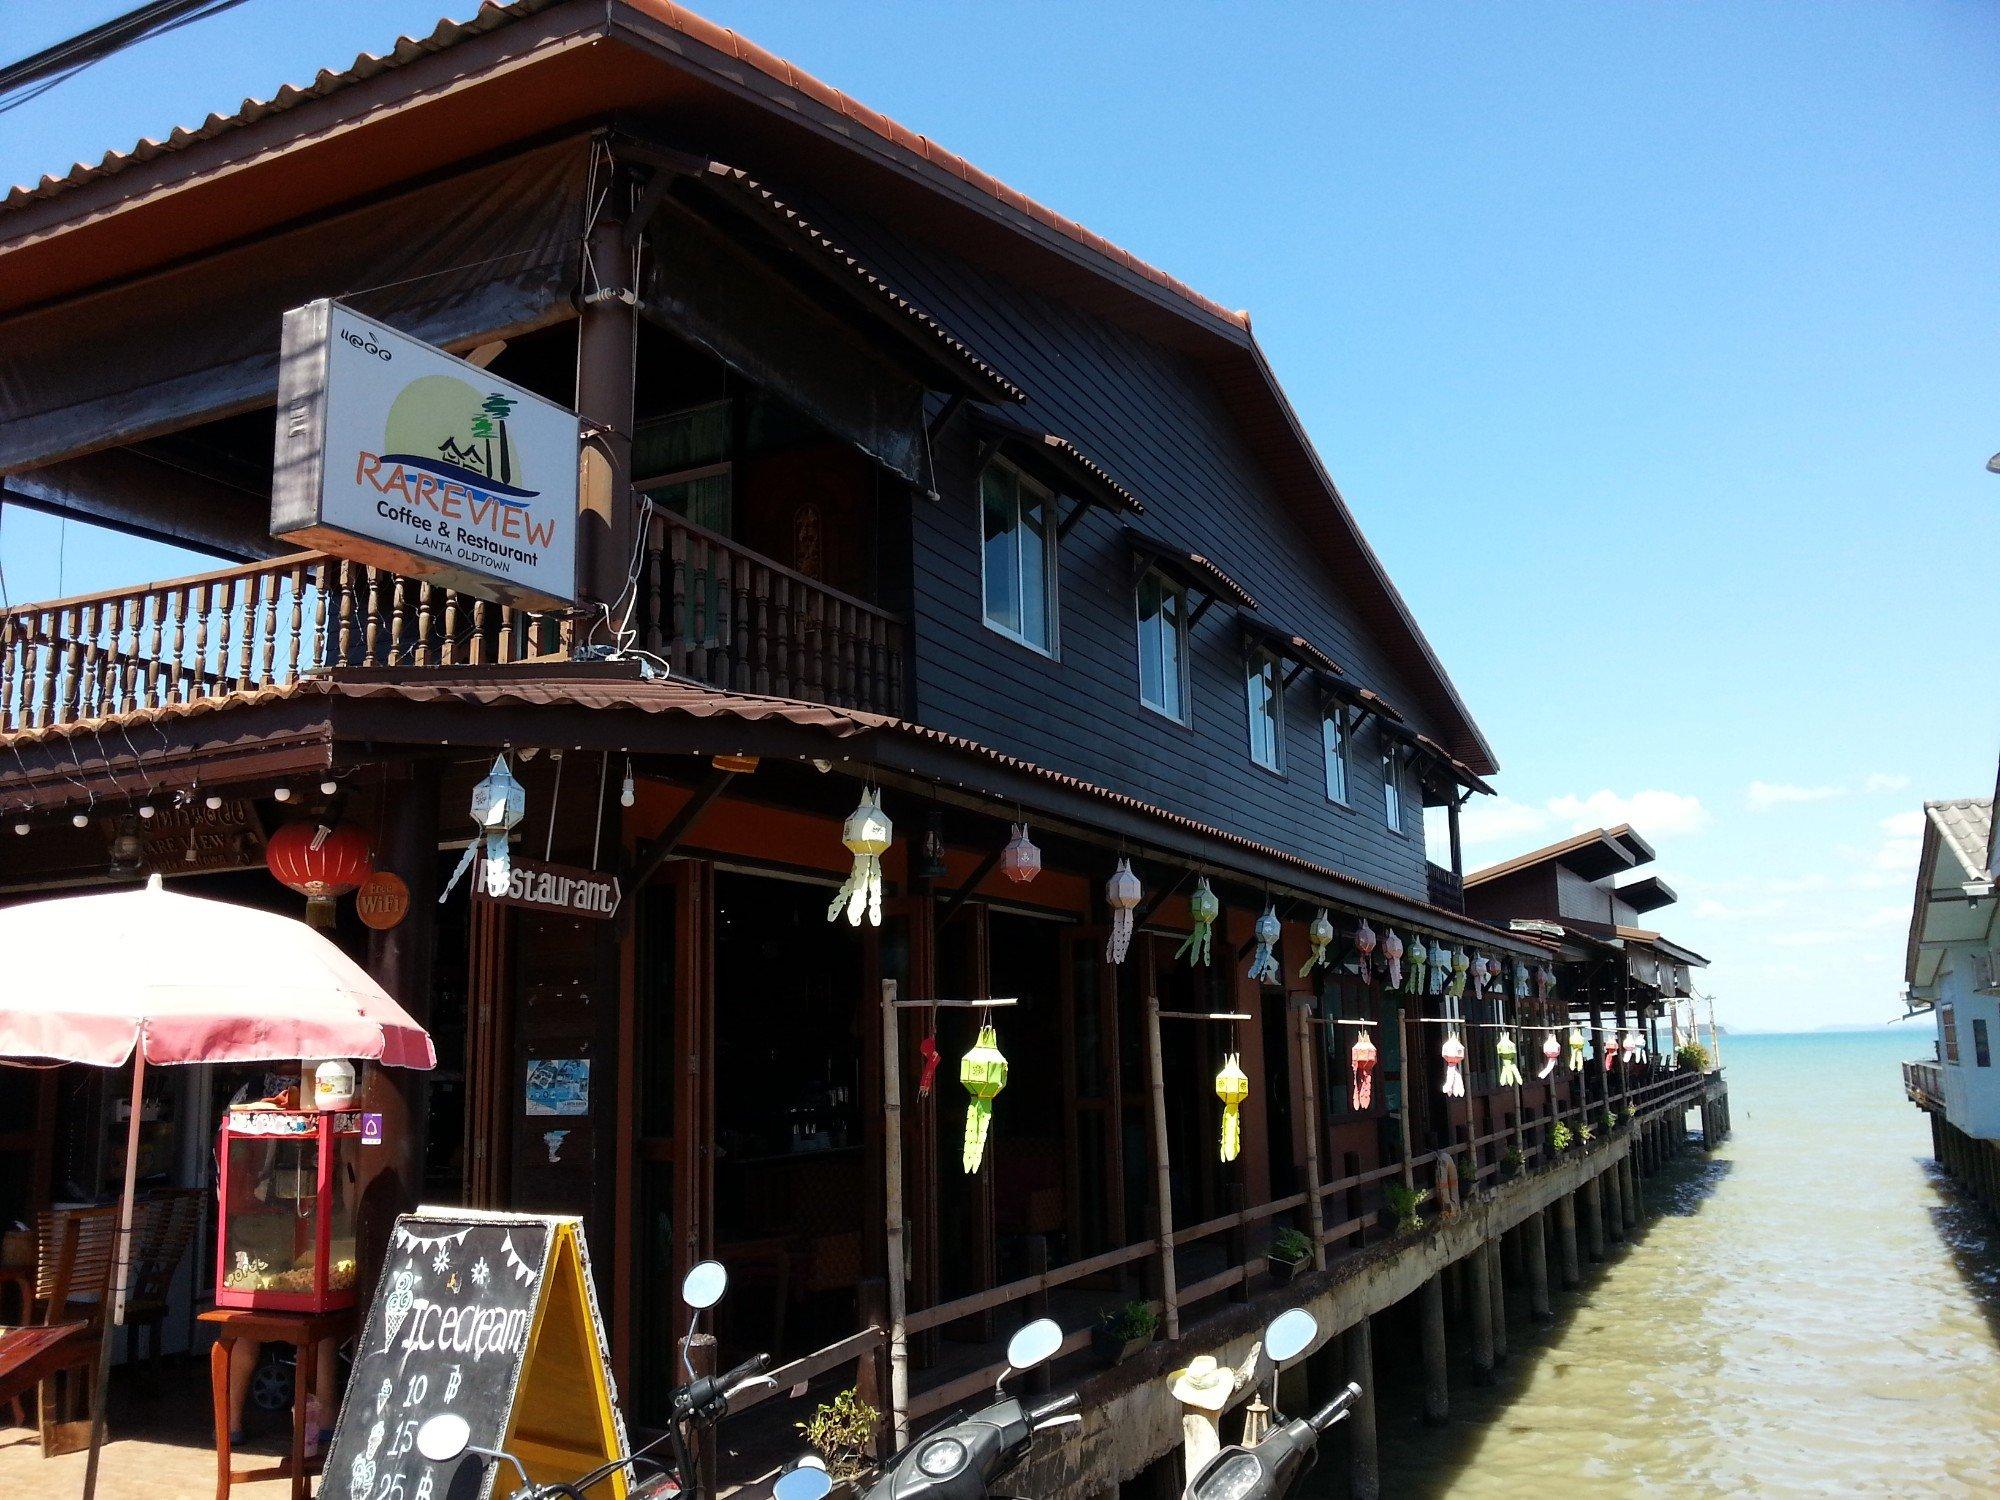 Restaurant in Koh Lanta Old Town